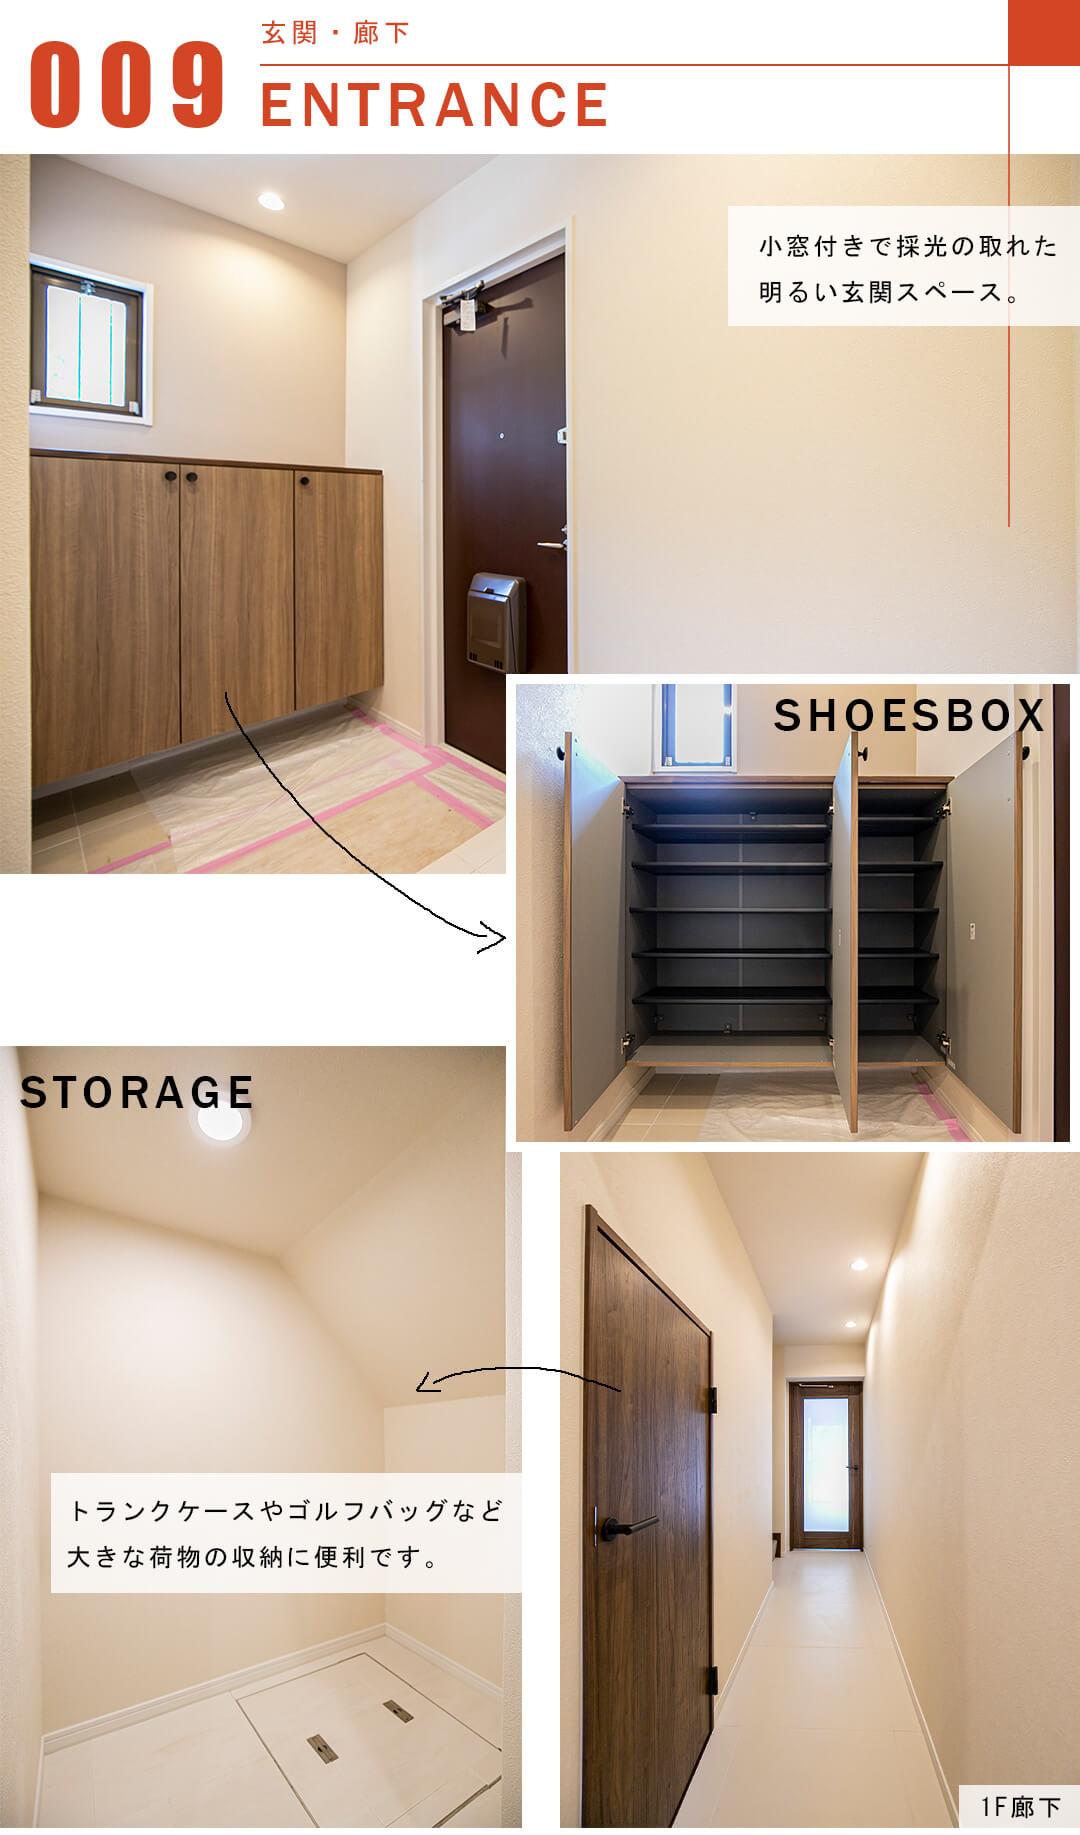 浜田山タウンホームの玄関と廊下